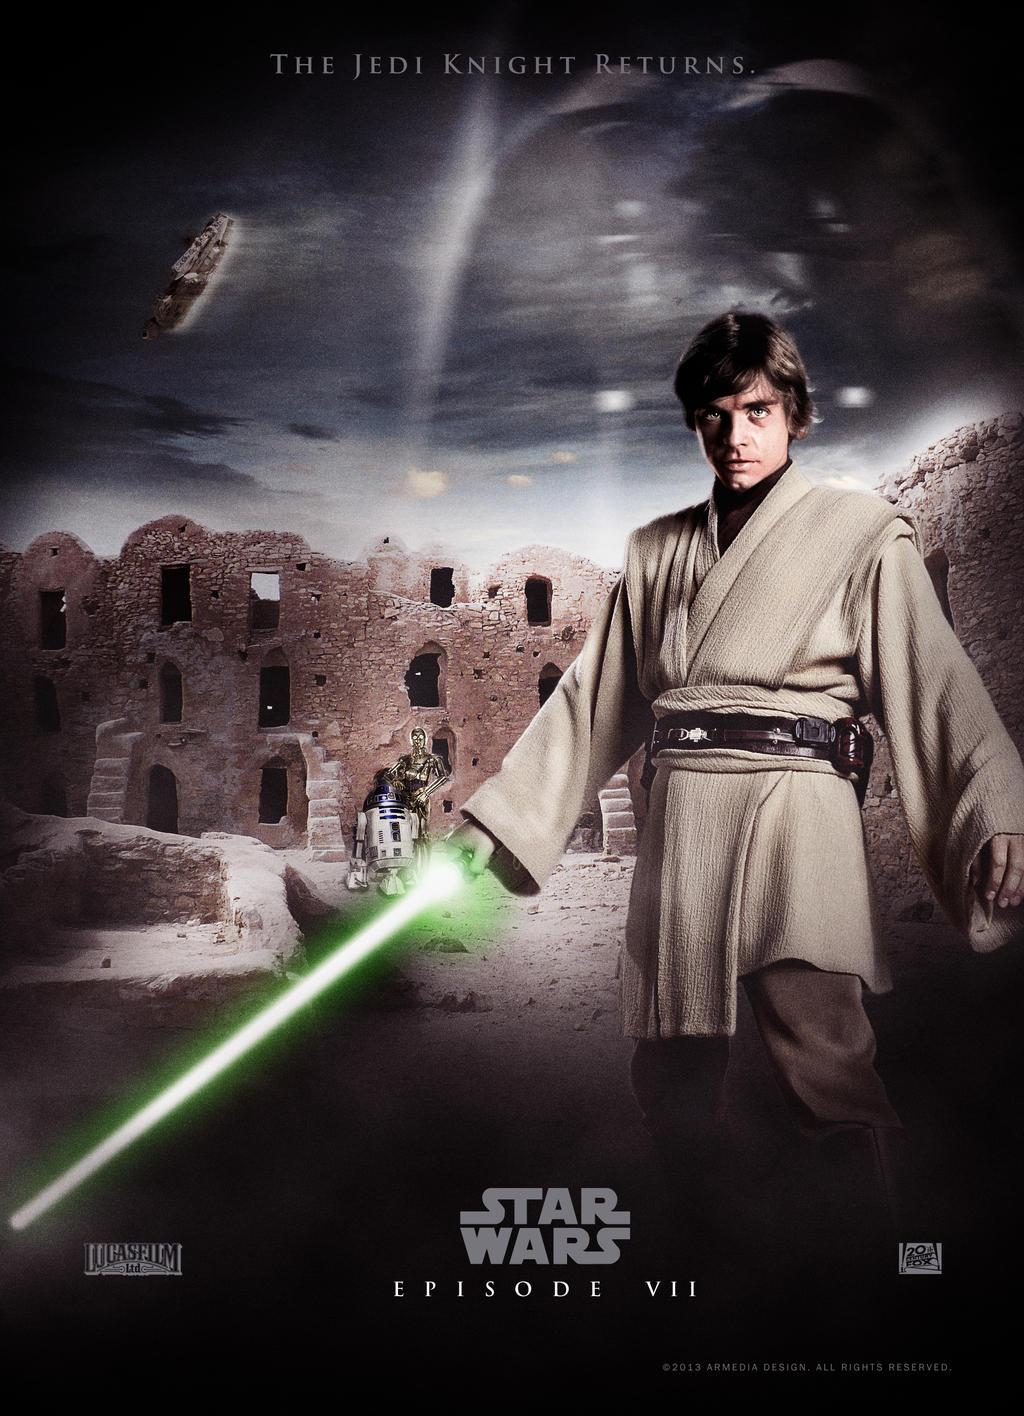 star wars episode 7 by altobello02 on deviantart